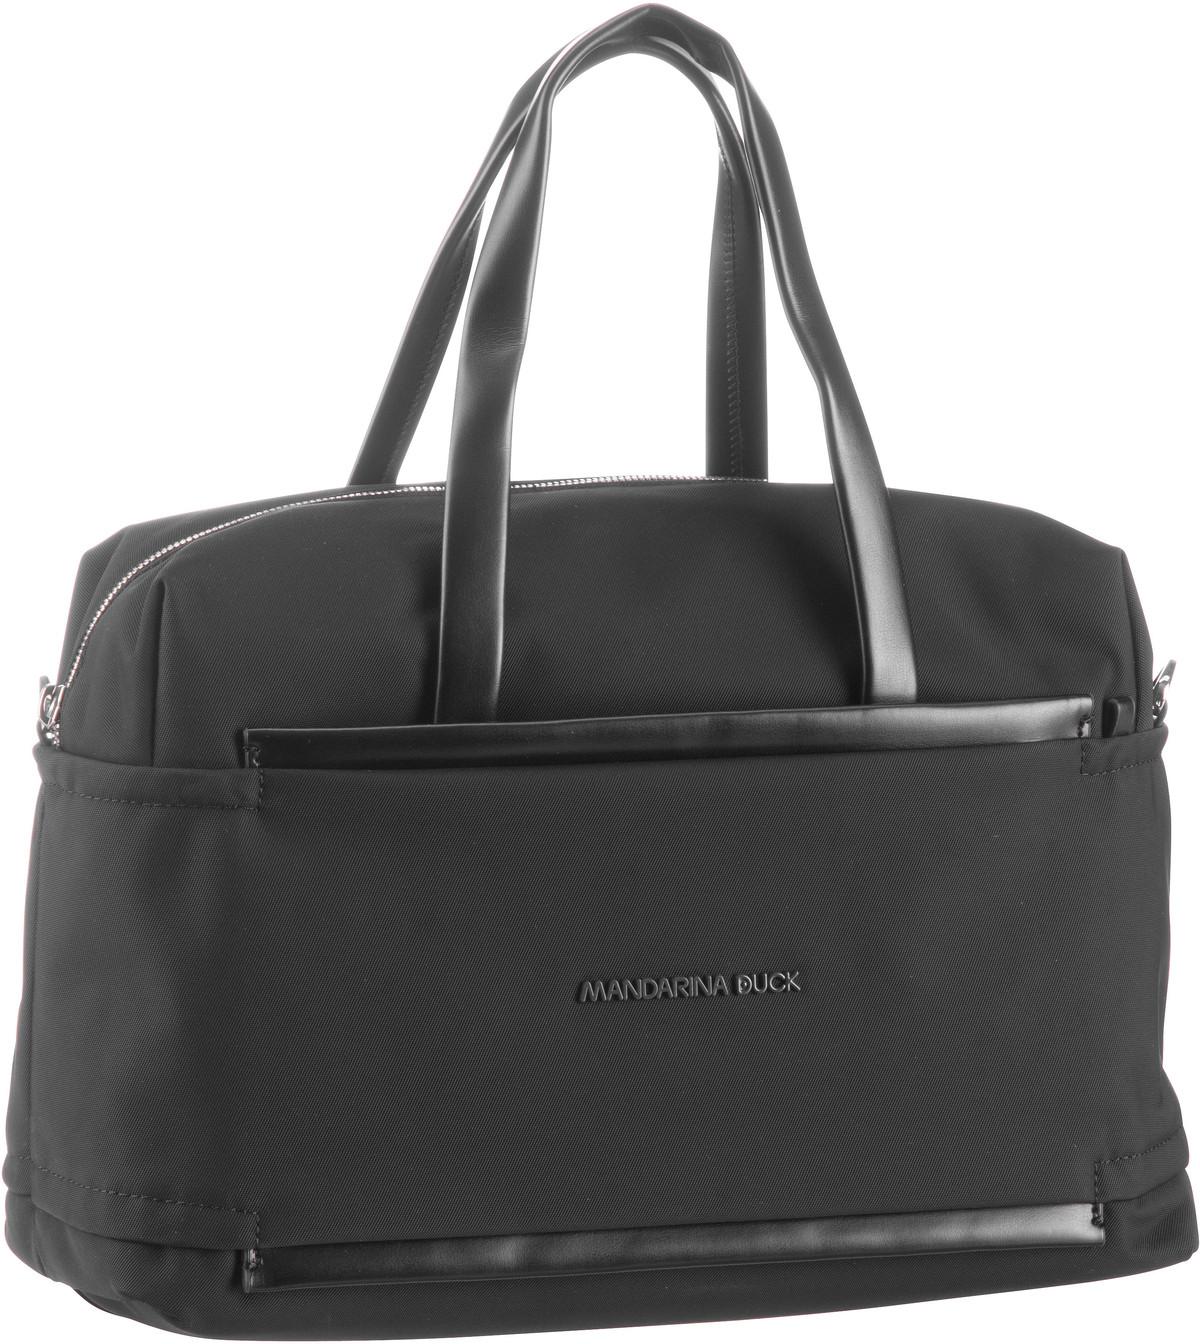 Handtasche Daphne Top Handle PDT07 Black